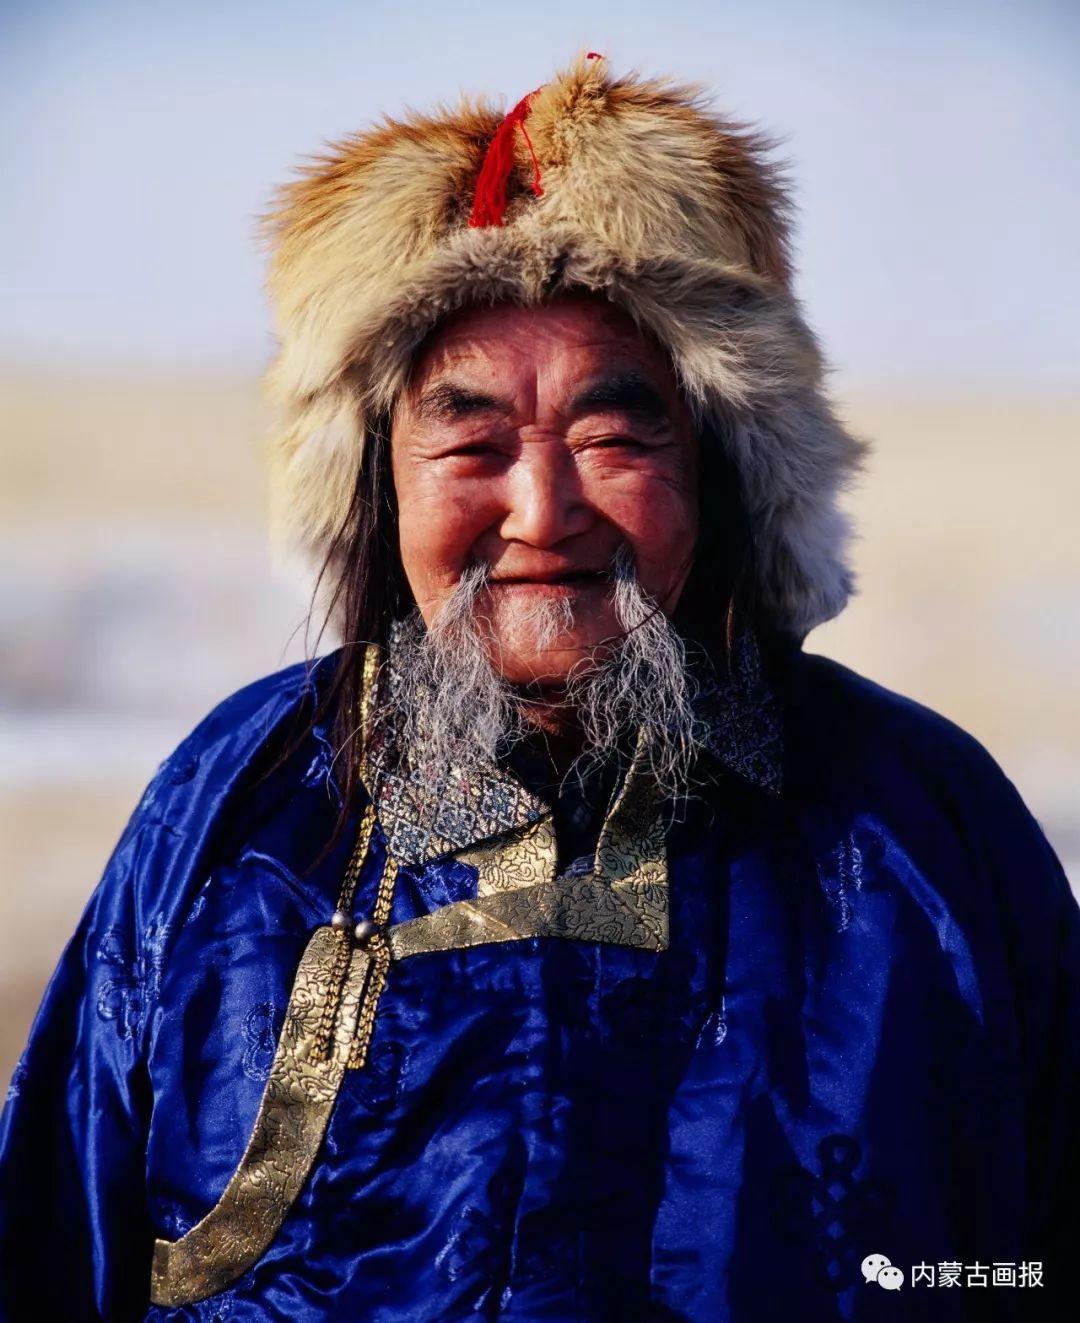 服饰之首——蒙古族冠帽 第13张 服饰之首——蒙古族冠帽 蒙古服饰